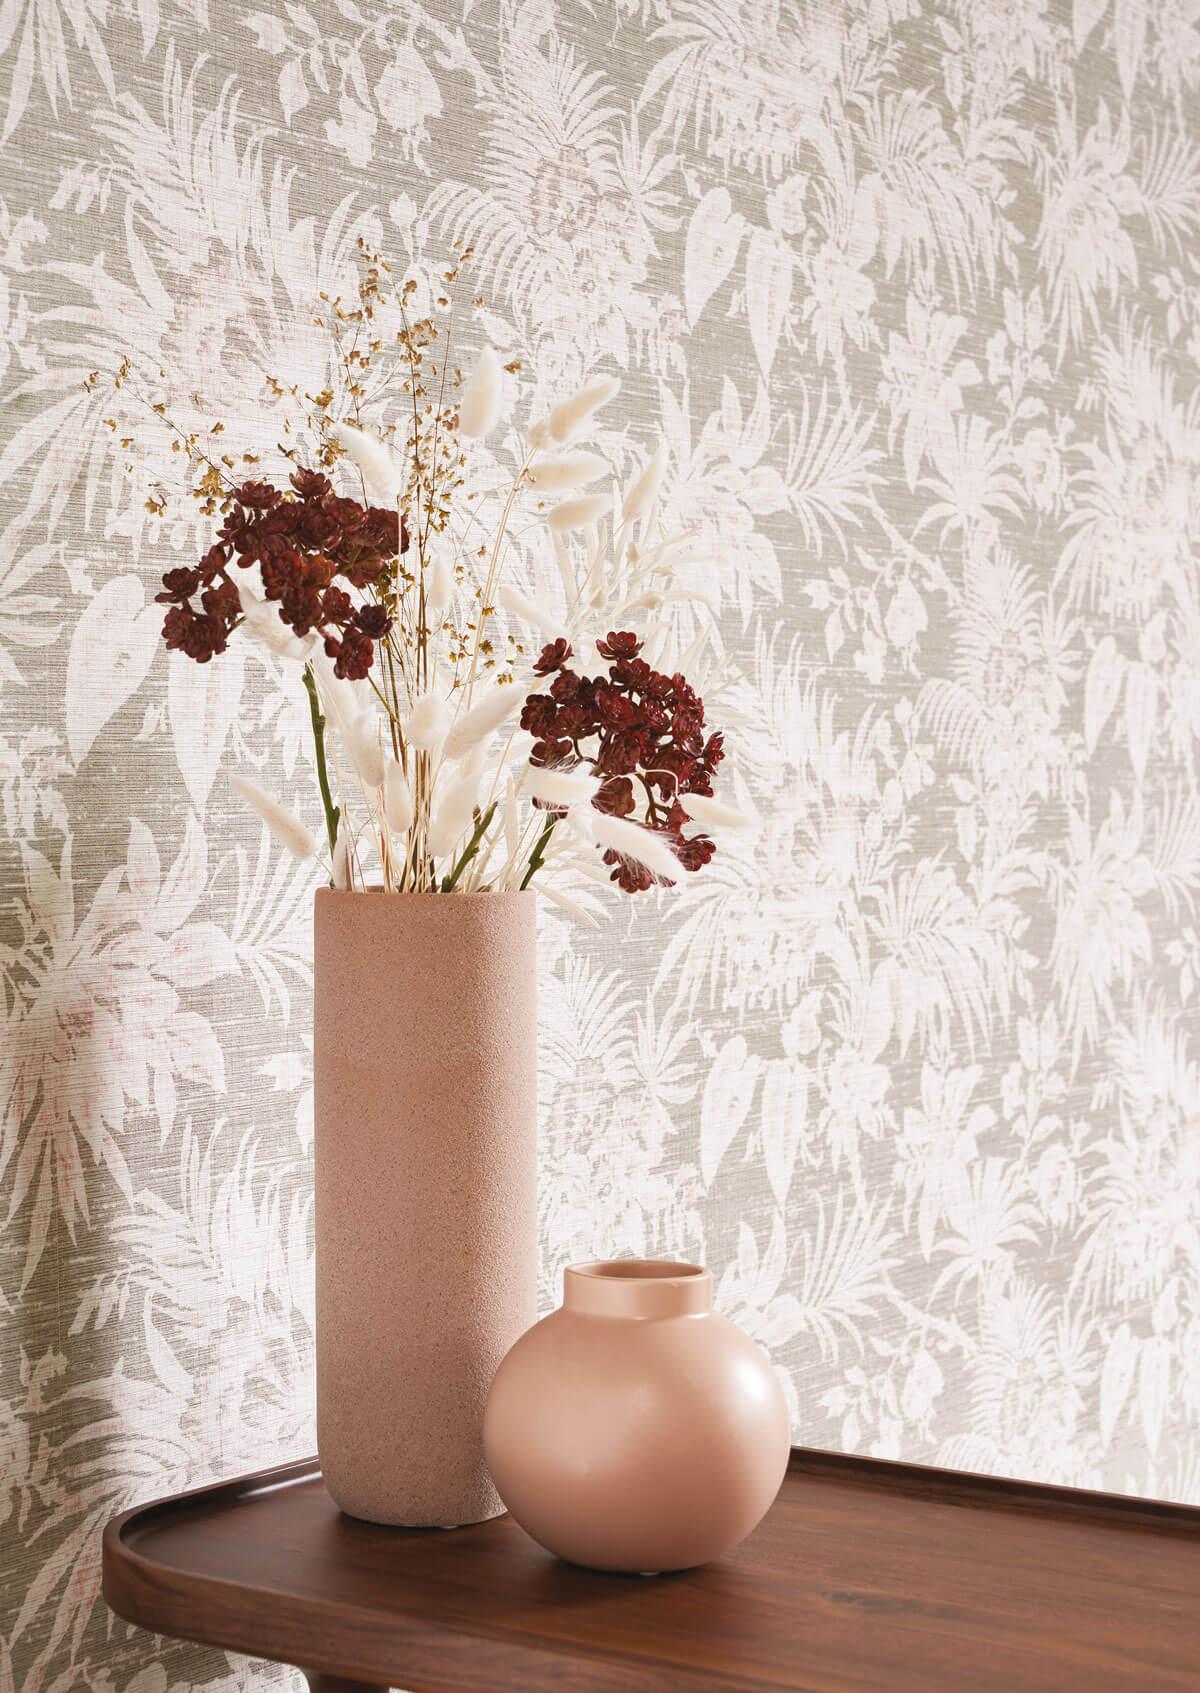 papiers peints albi castres conseil décor delzongle sikkens séguret décoration